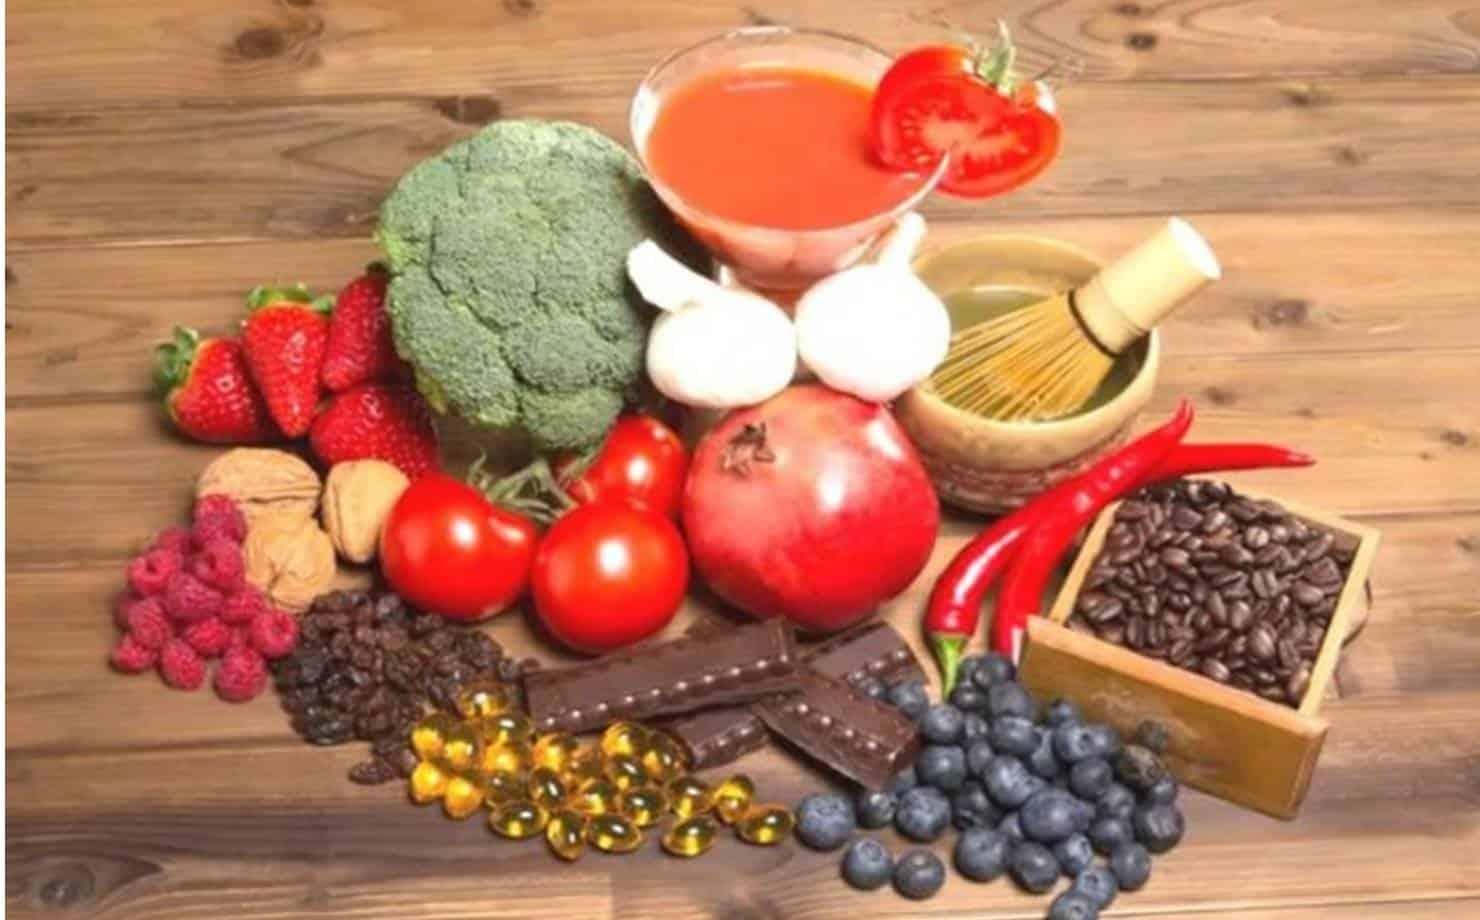 O que são alimentos antioxidantes e quais são seus benefícios para a saúde?